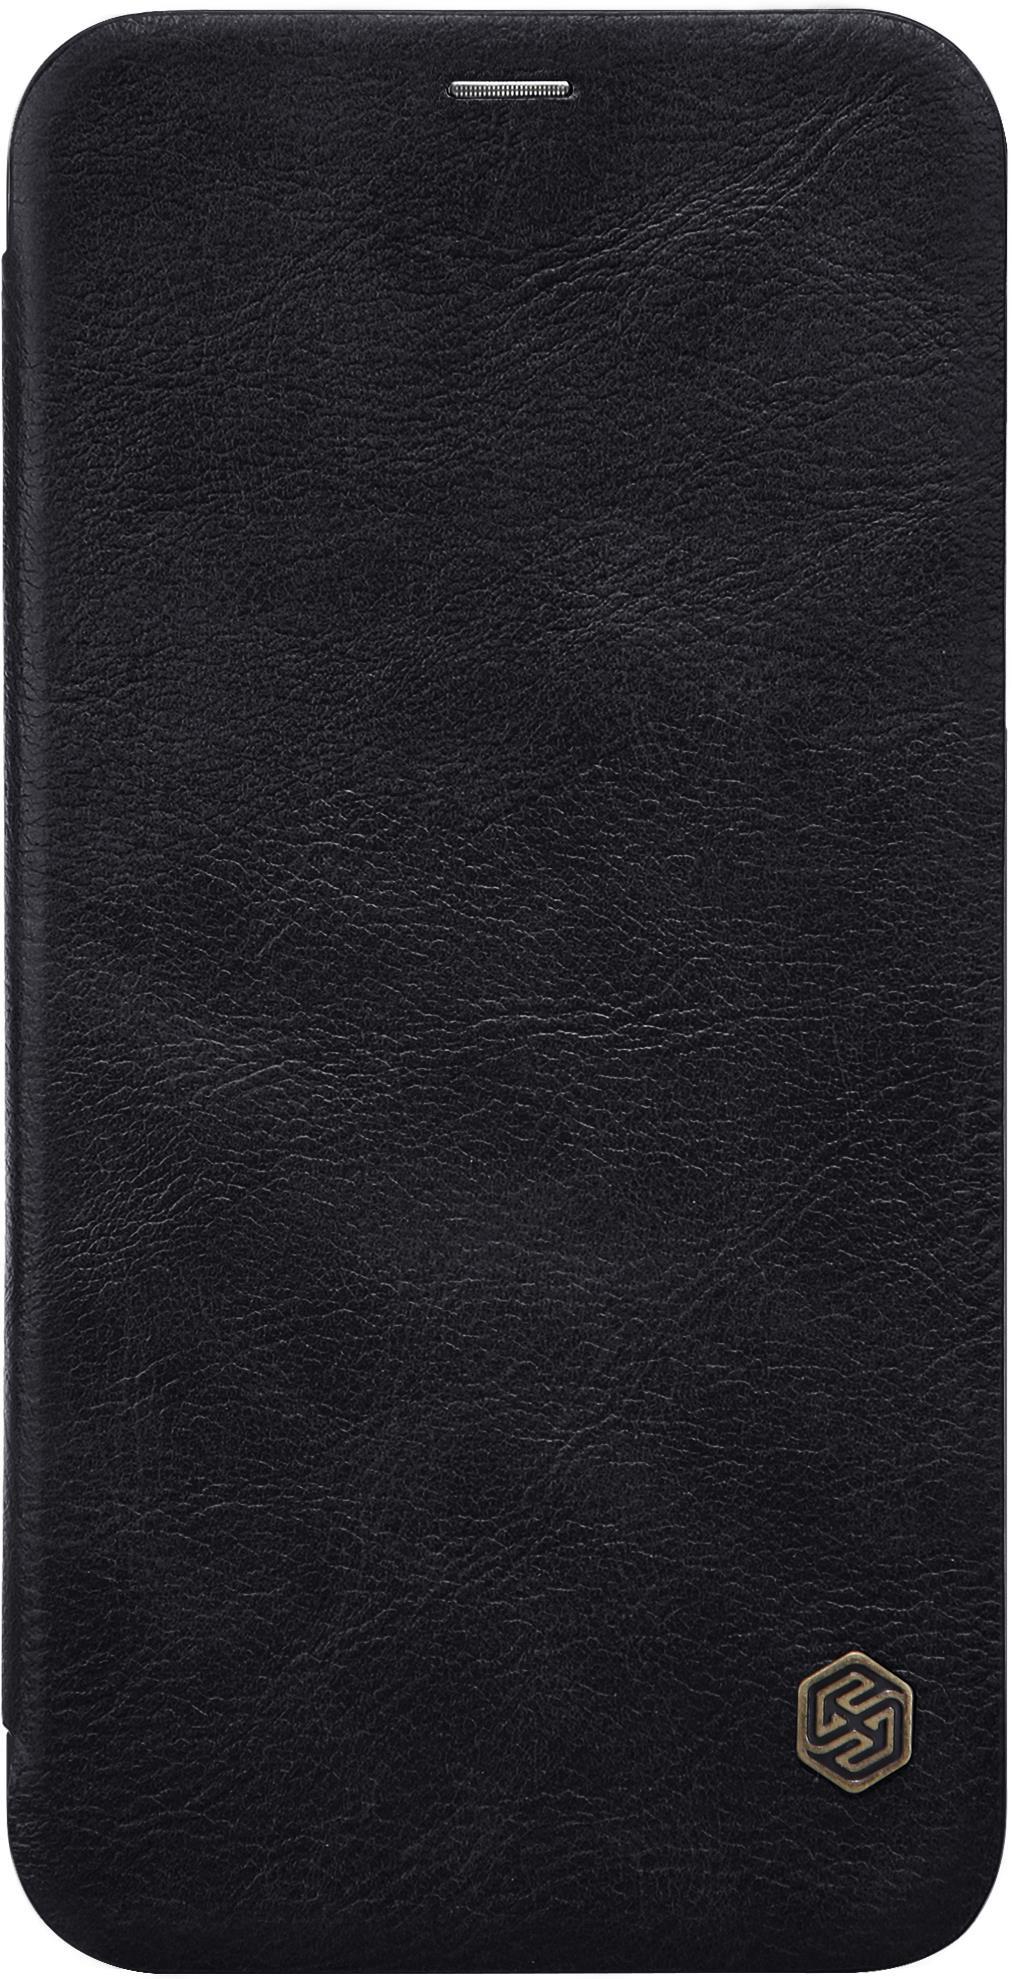 Чехол Nillkin для iPhone X/XS, 6902048146587, черный